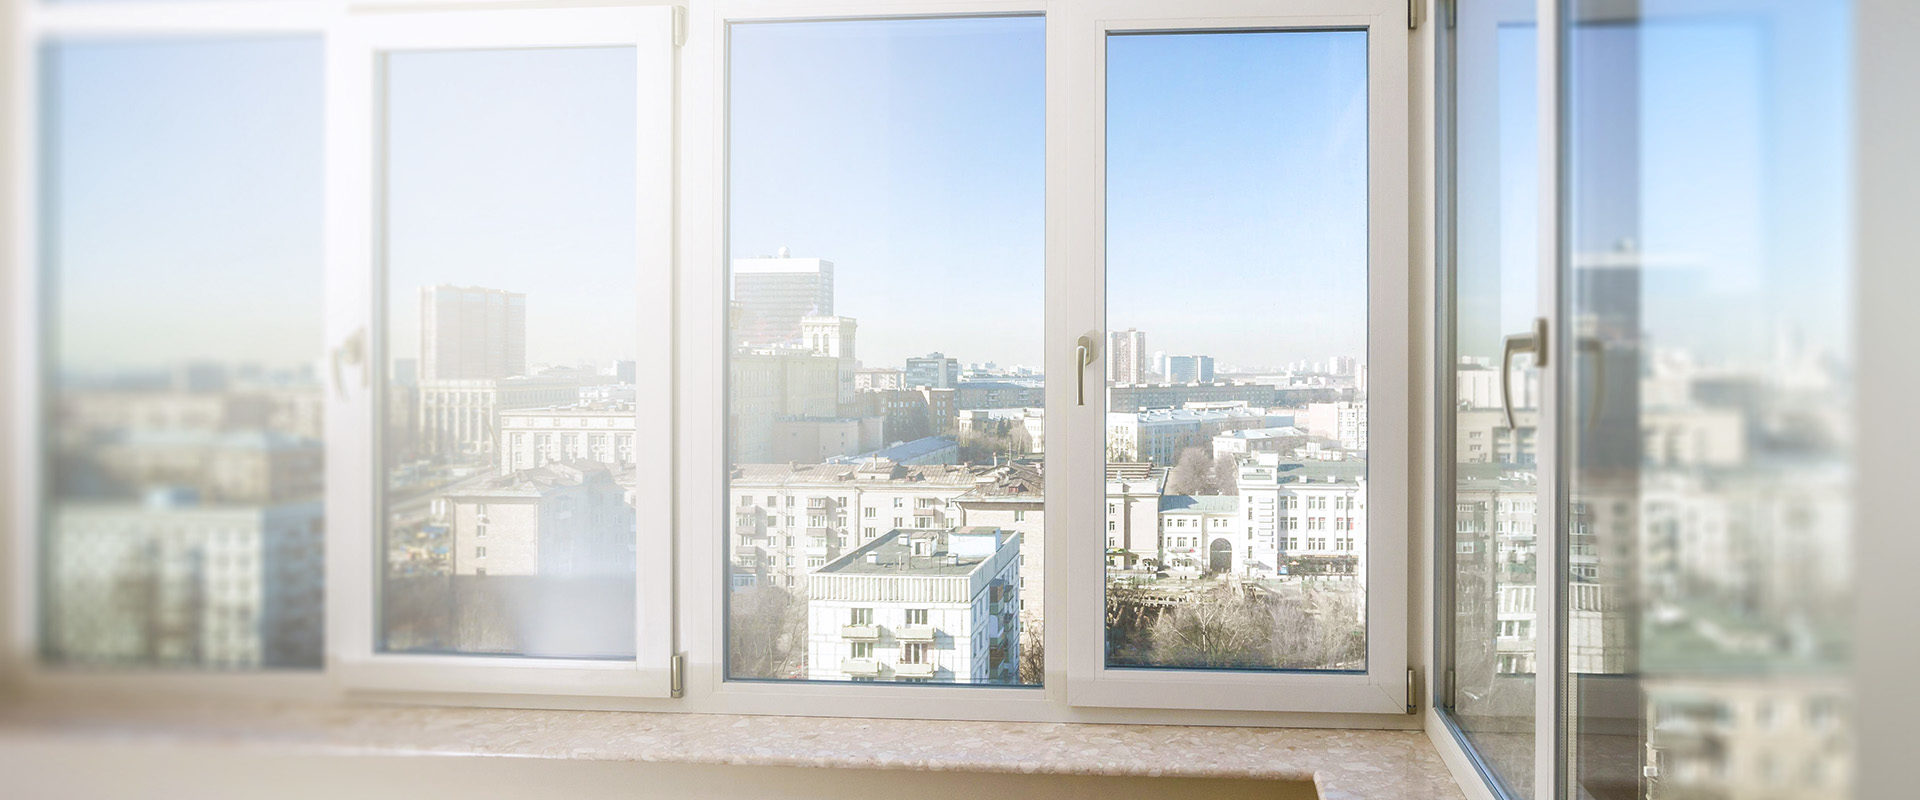 Картинка фоновая окно Киров